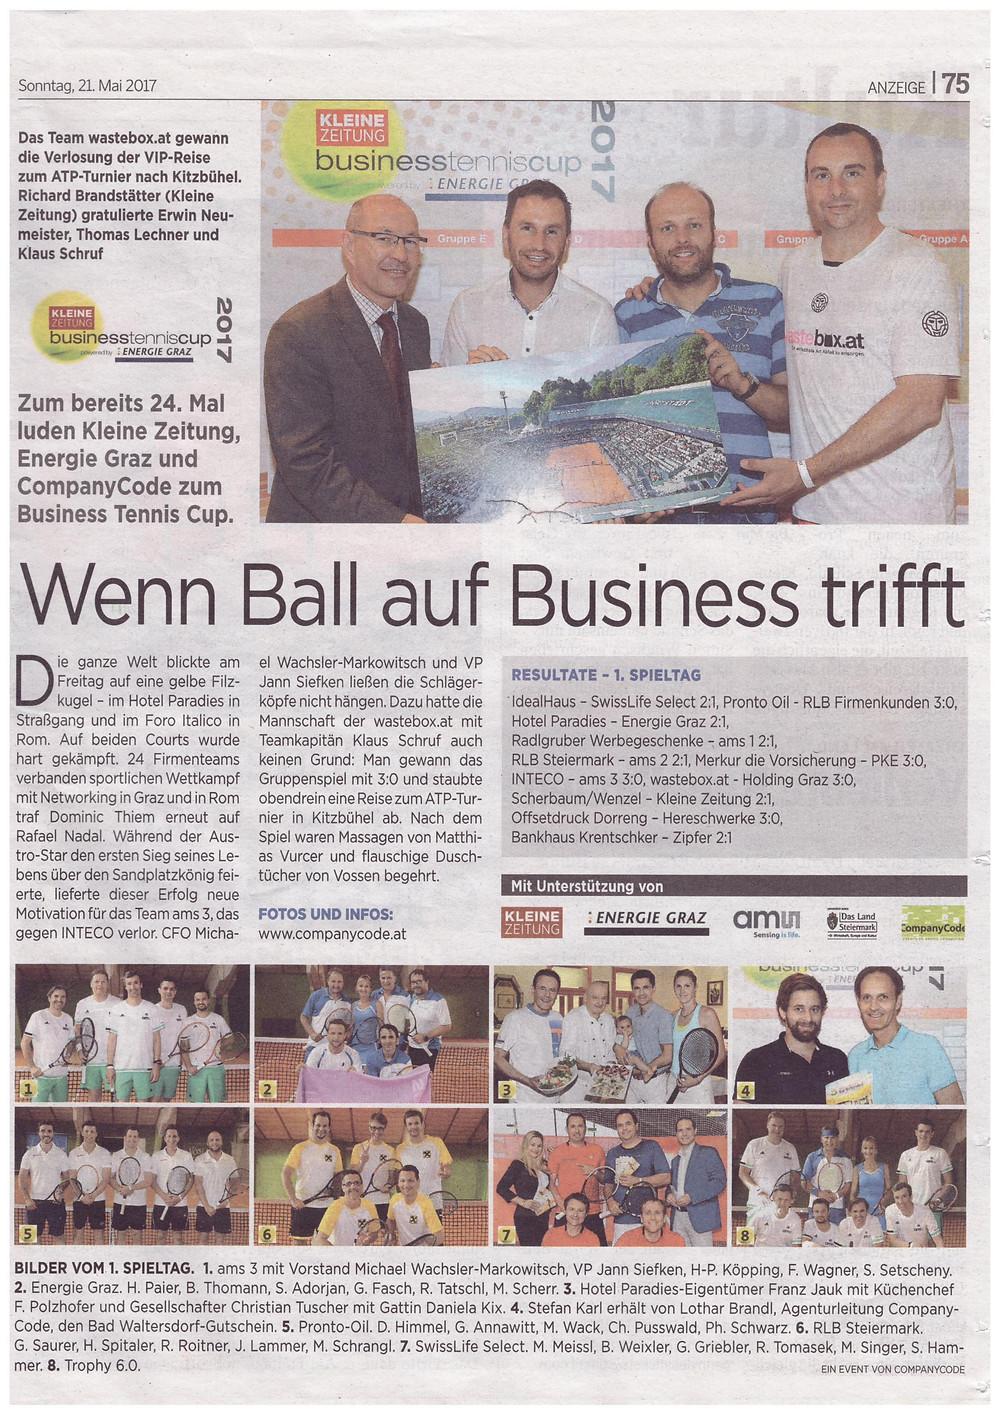 Die Grazer Eventagnetur Companycode organisiert den Kleine Zeitung Business Tennis Cup 2017. In der ersten Spielrunde trafen die Mannschaften aufeinander.